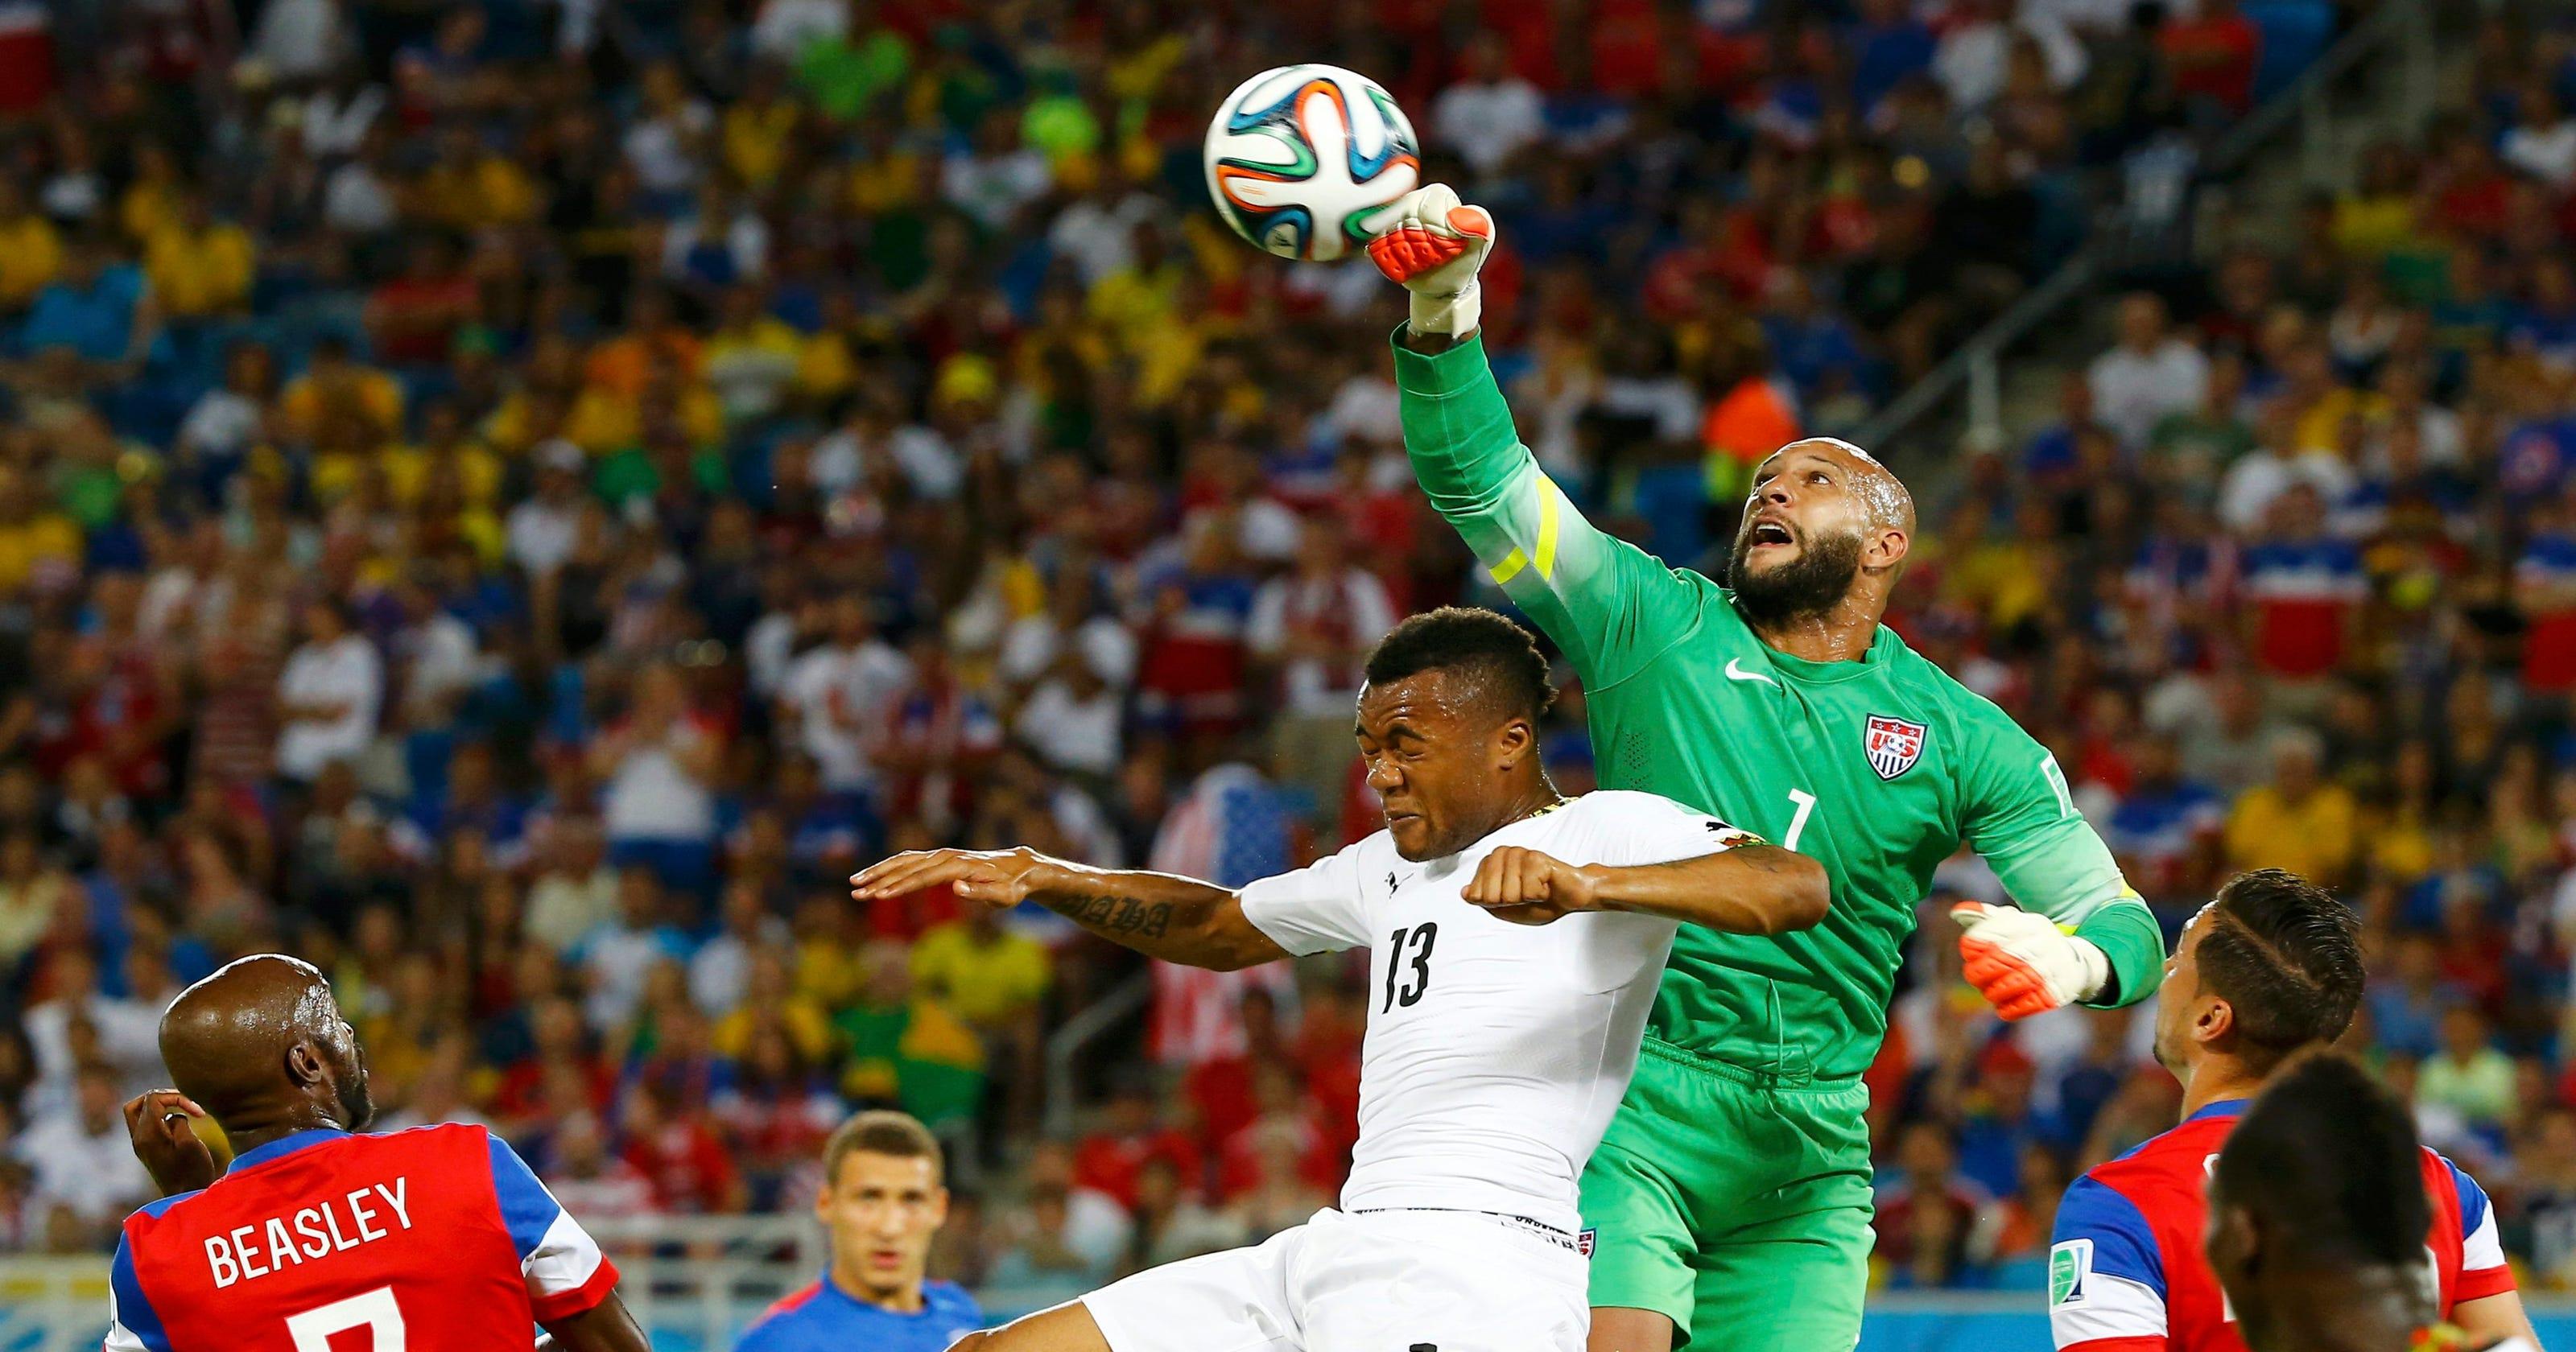 U.S. goalkeeper hails from NJ